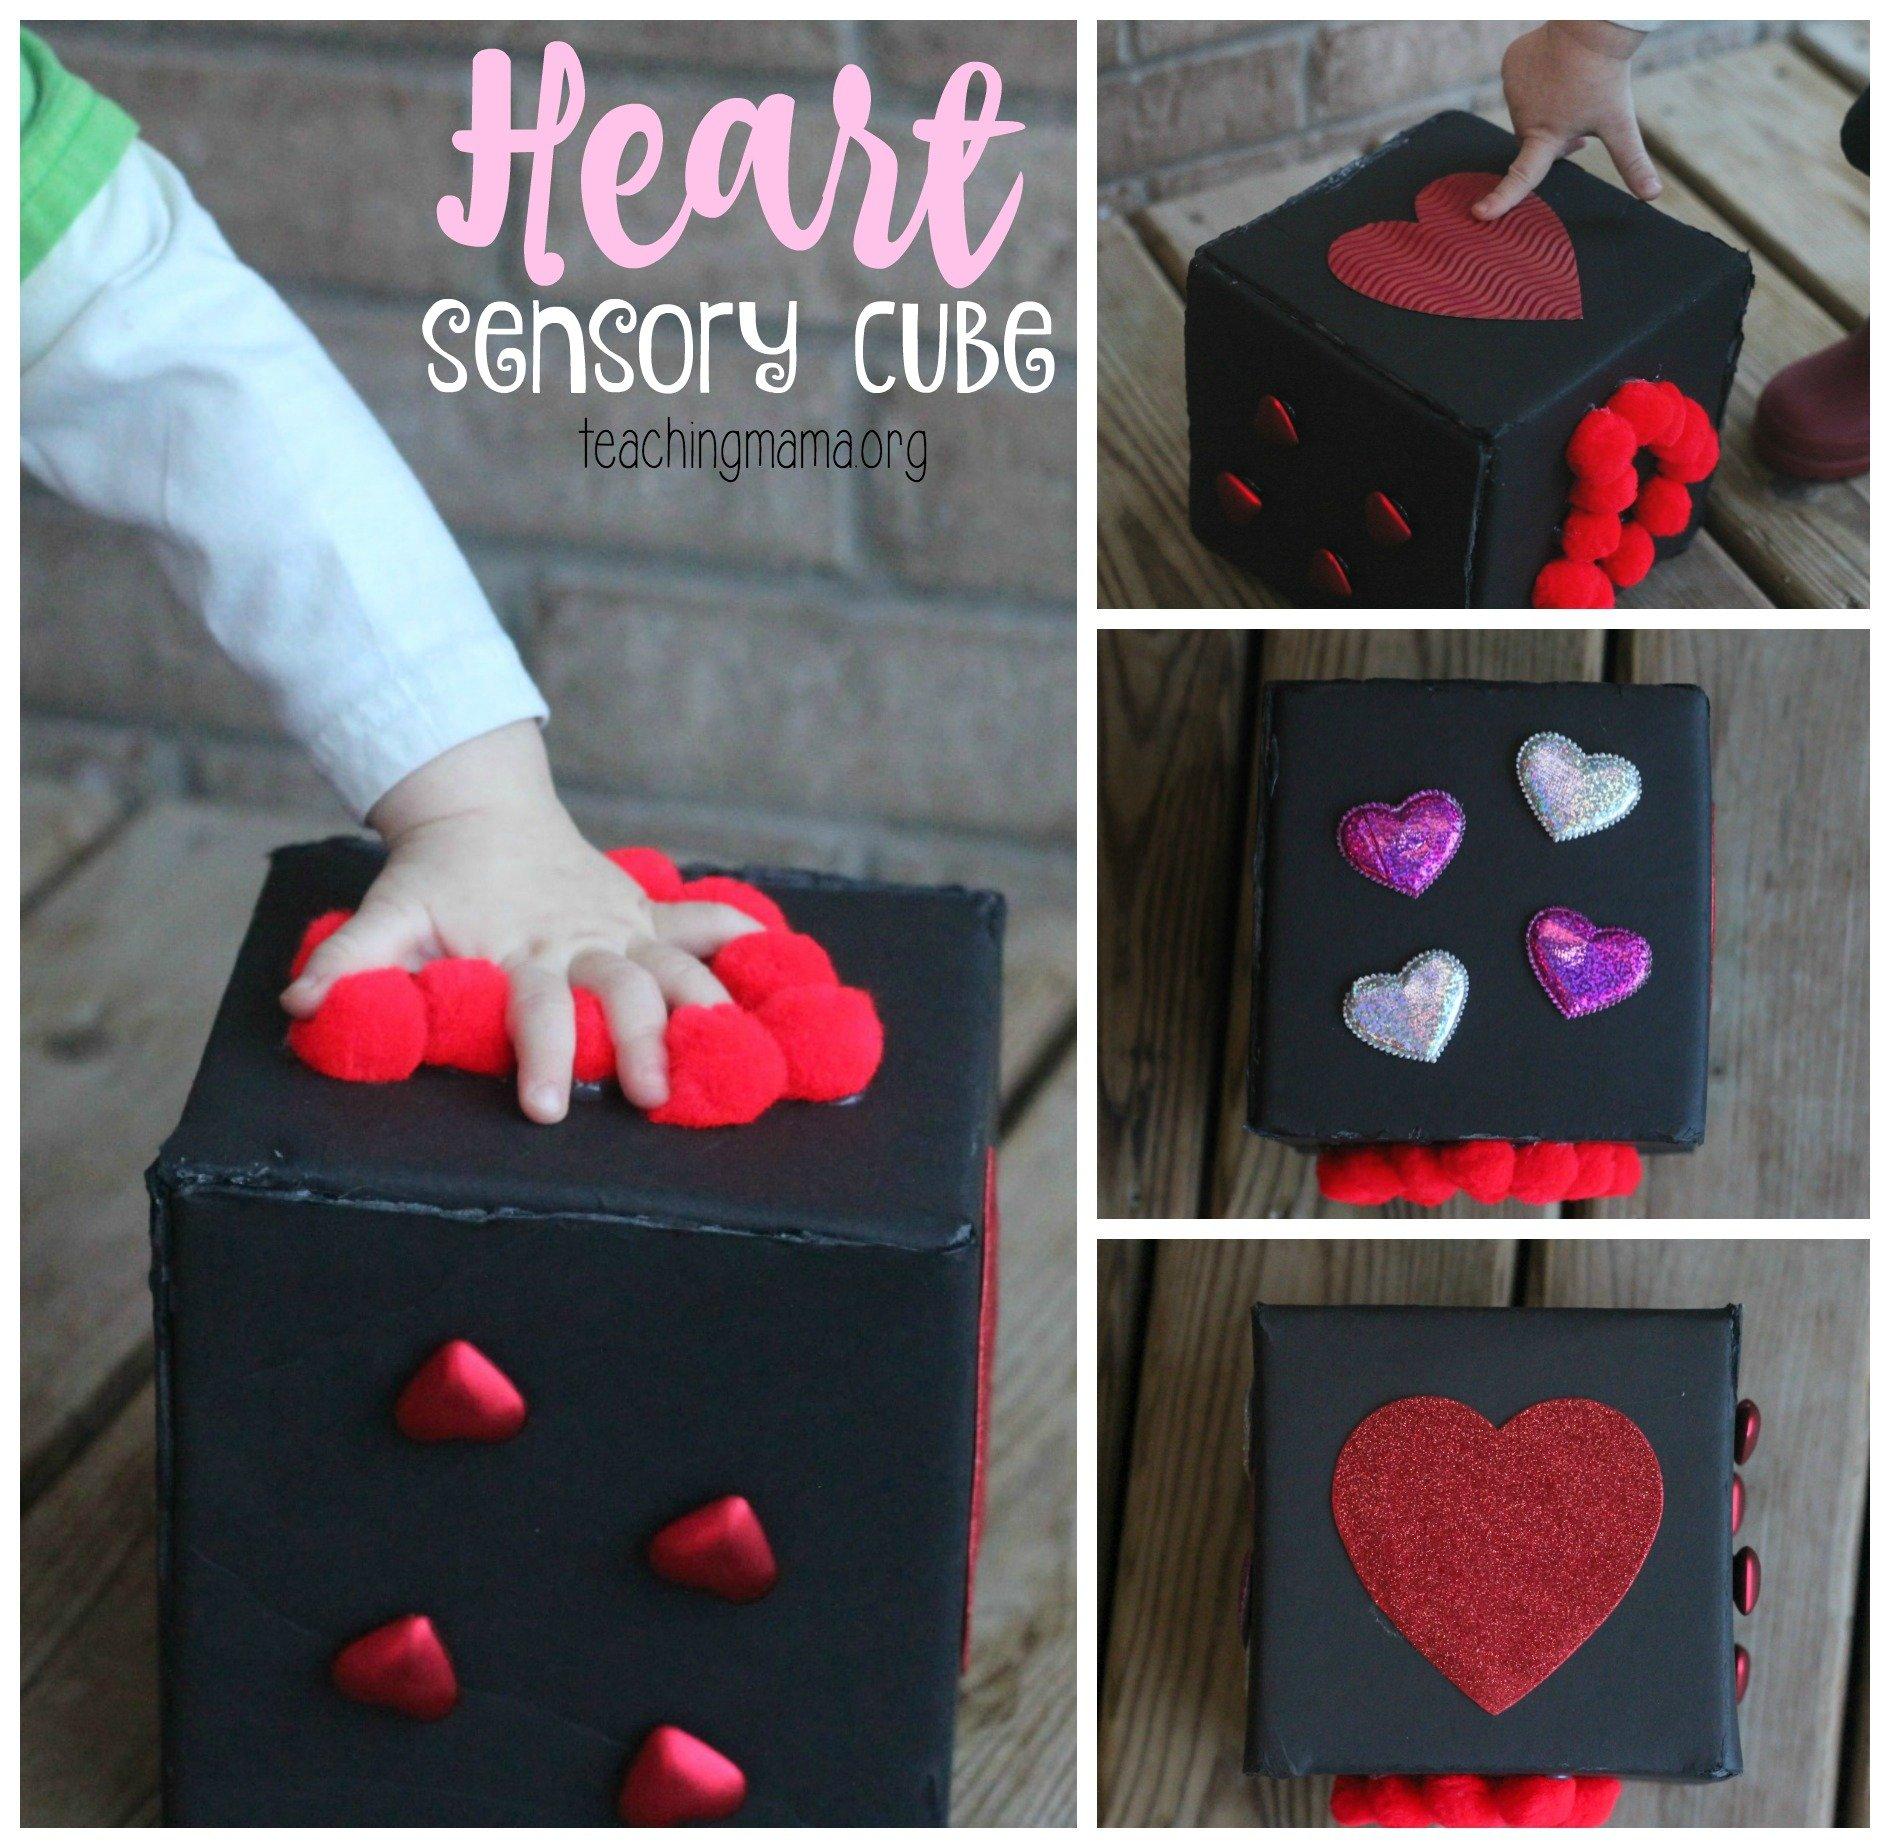 Heart Sensory Cube